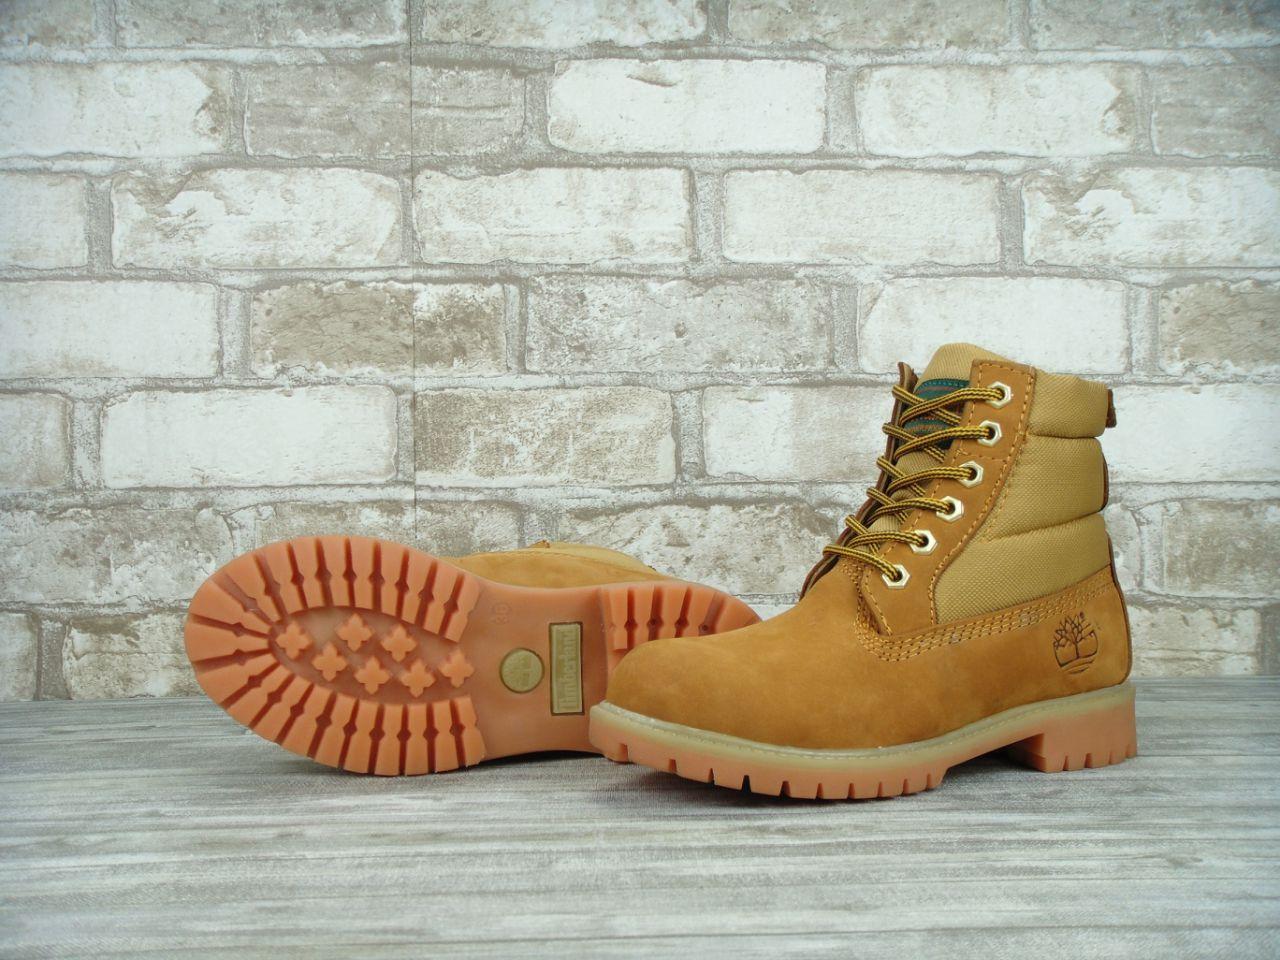 Копия Зимние ботинки Timberland, женские ботинки с натуральным мехом. ТОП Реплика ААА класса.